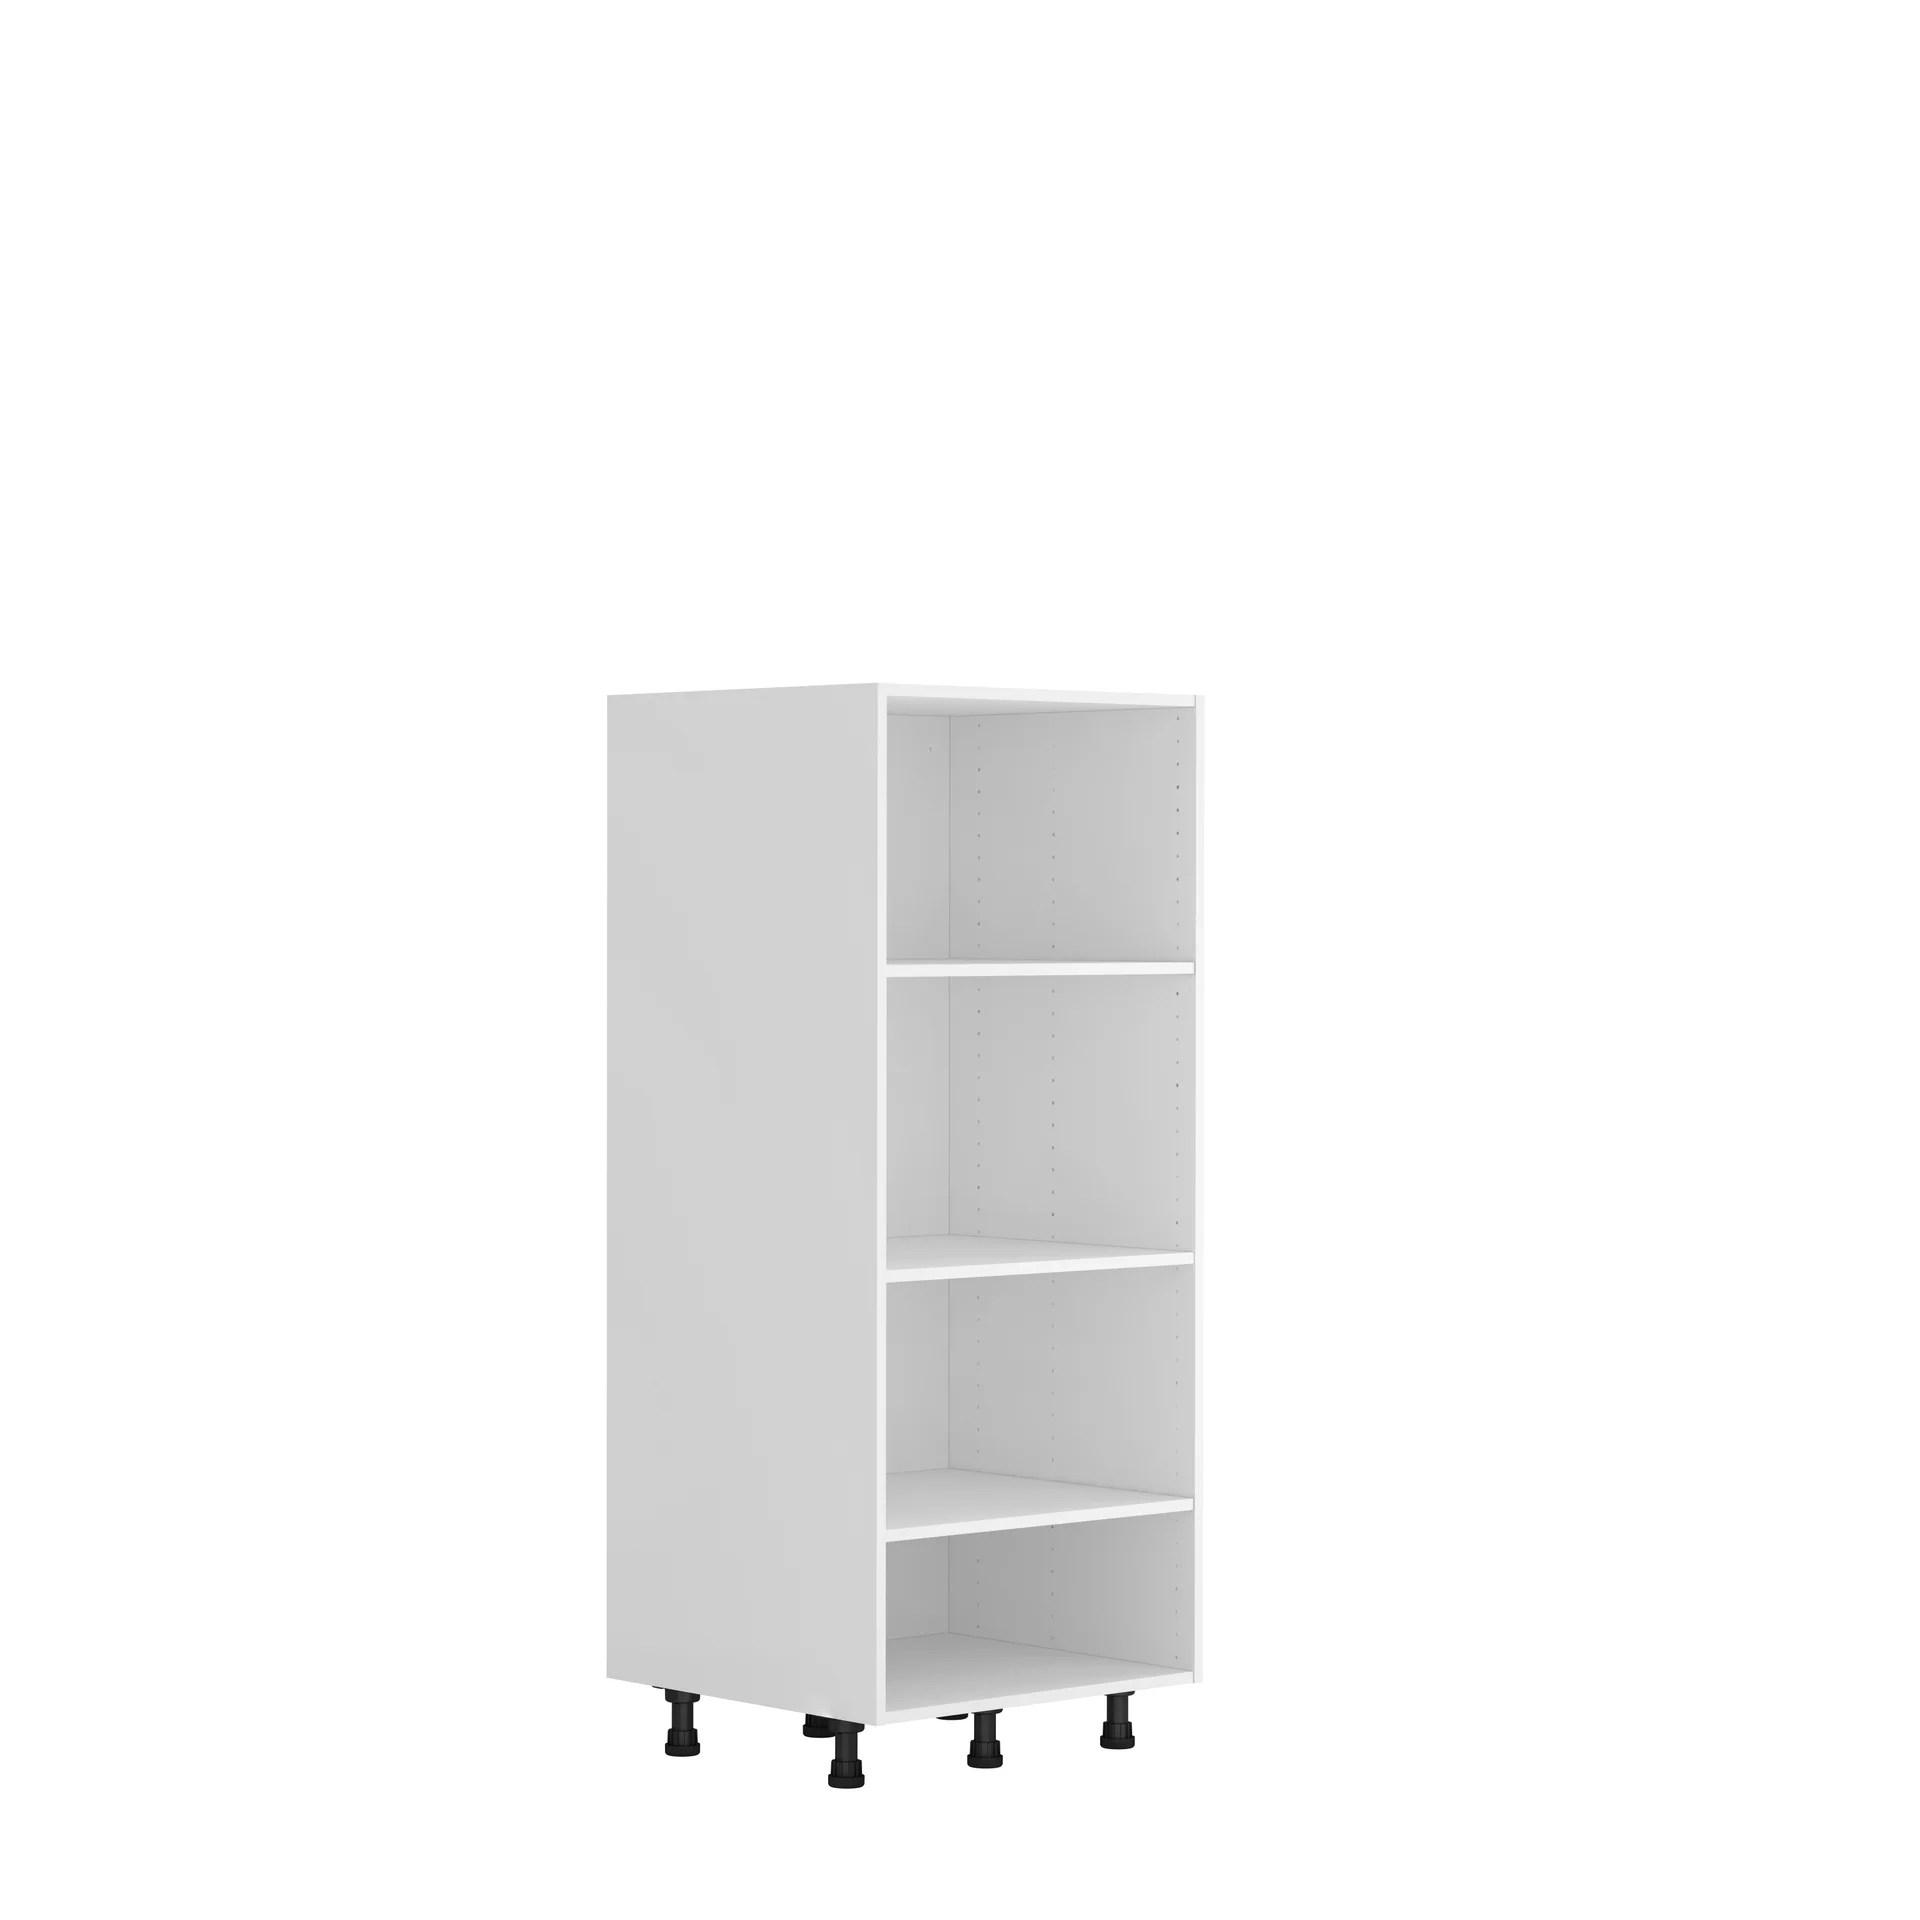 caisson de cuisine demi colonne delinia id blanc h 137 6 x l 60 x p 58 cm